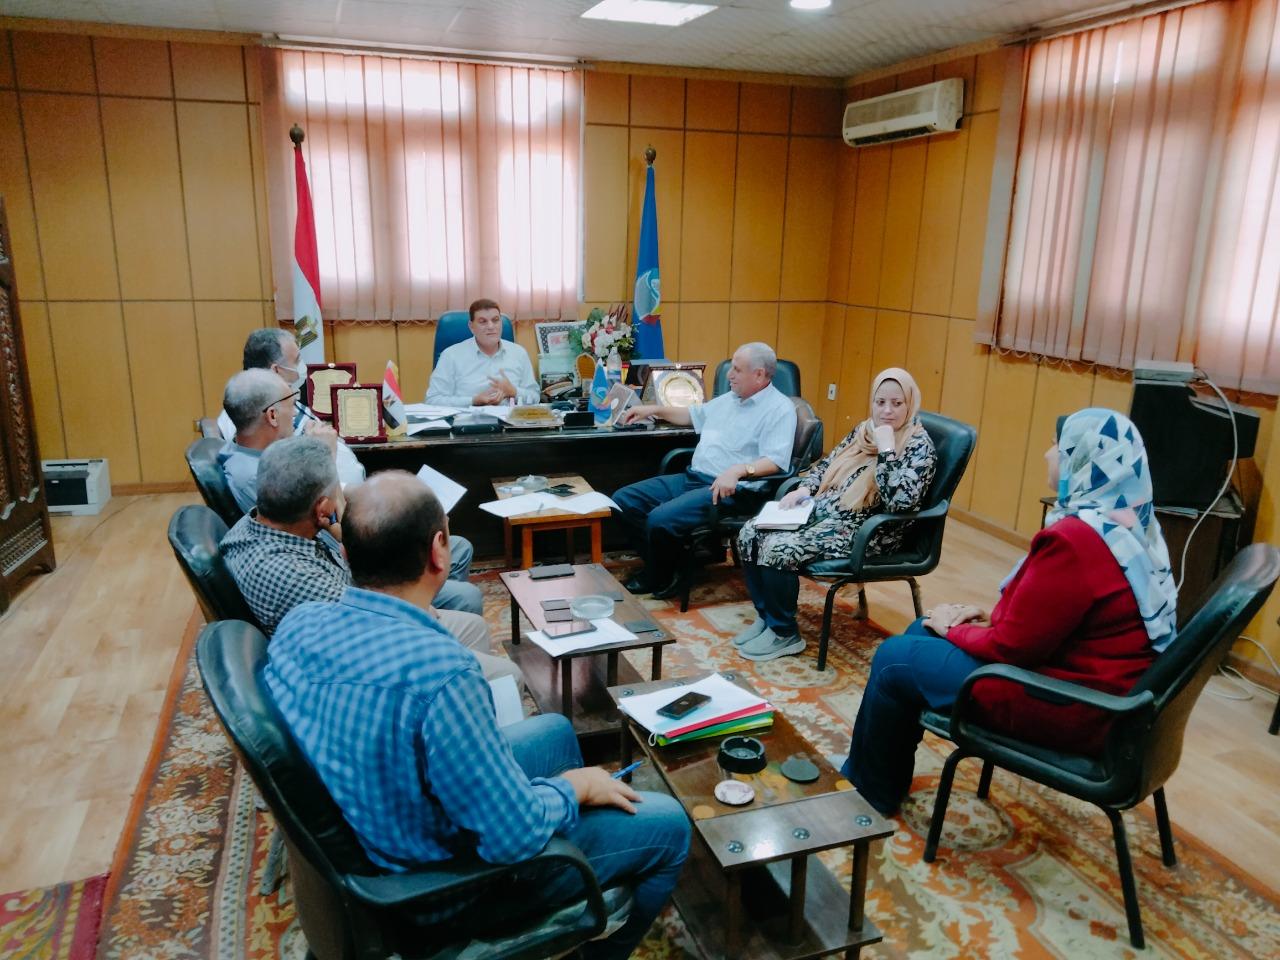 لجنة القيادات بزراعة البحيرة تجتمع لاختيار مدير إدارة الإنتاج الحيوانى بالمديرية